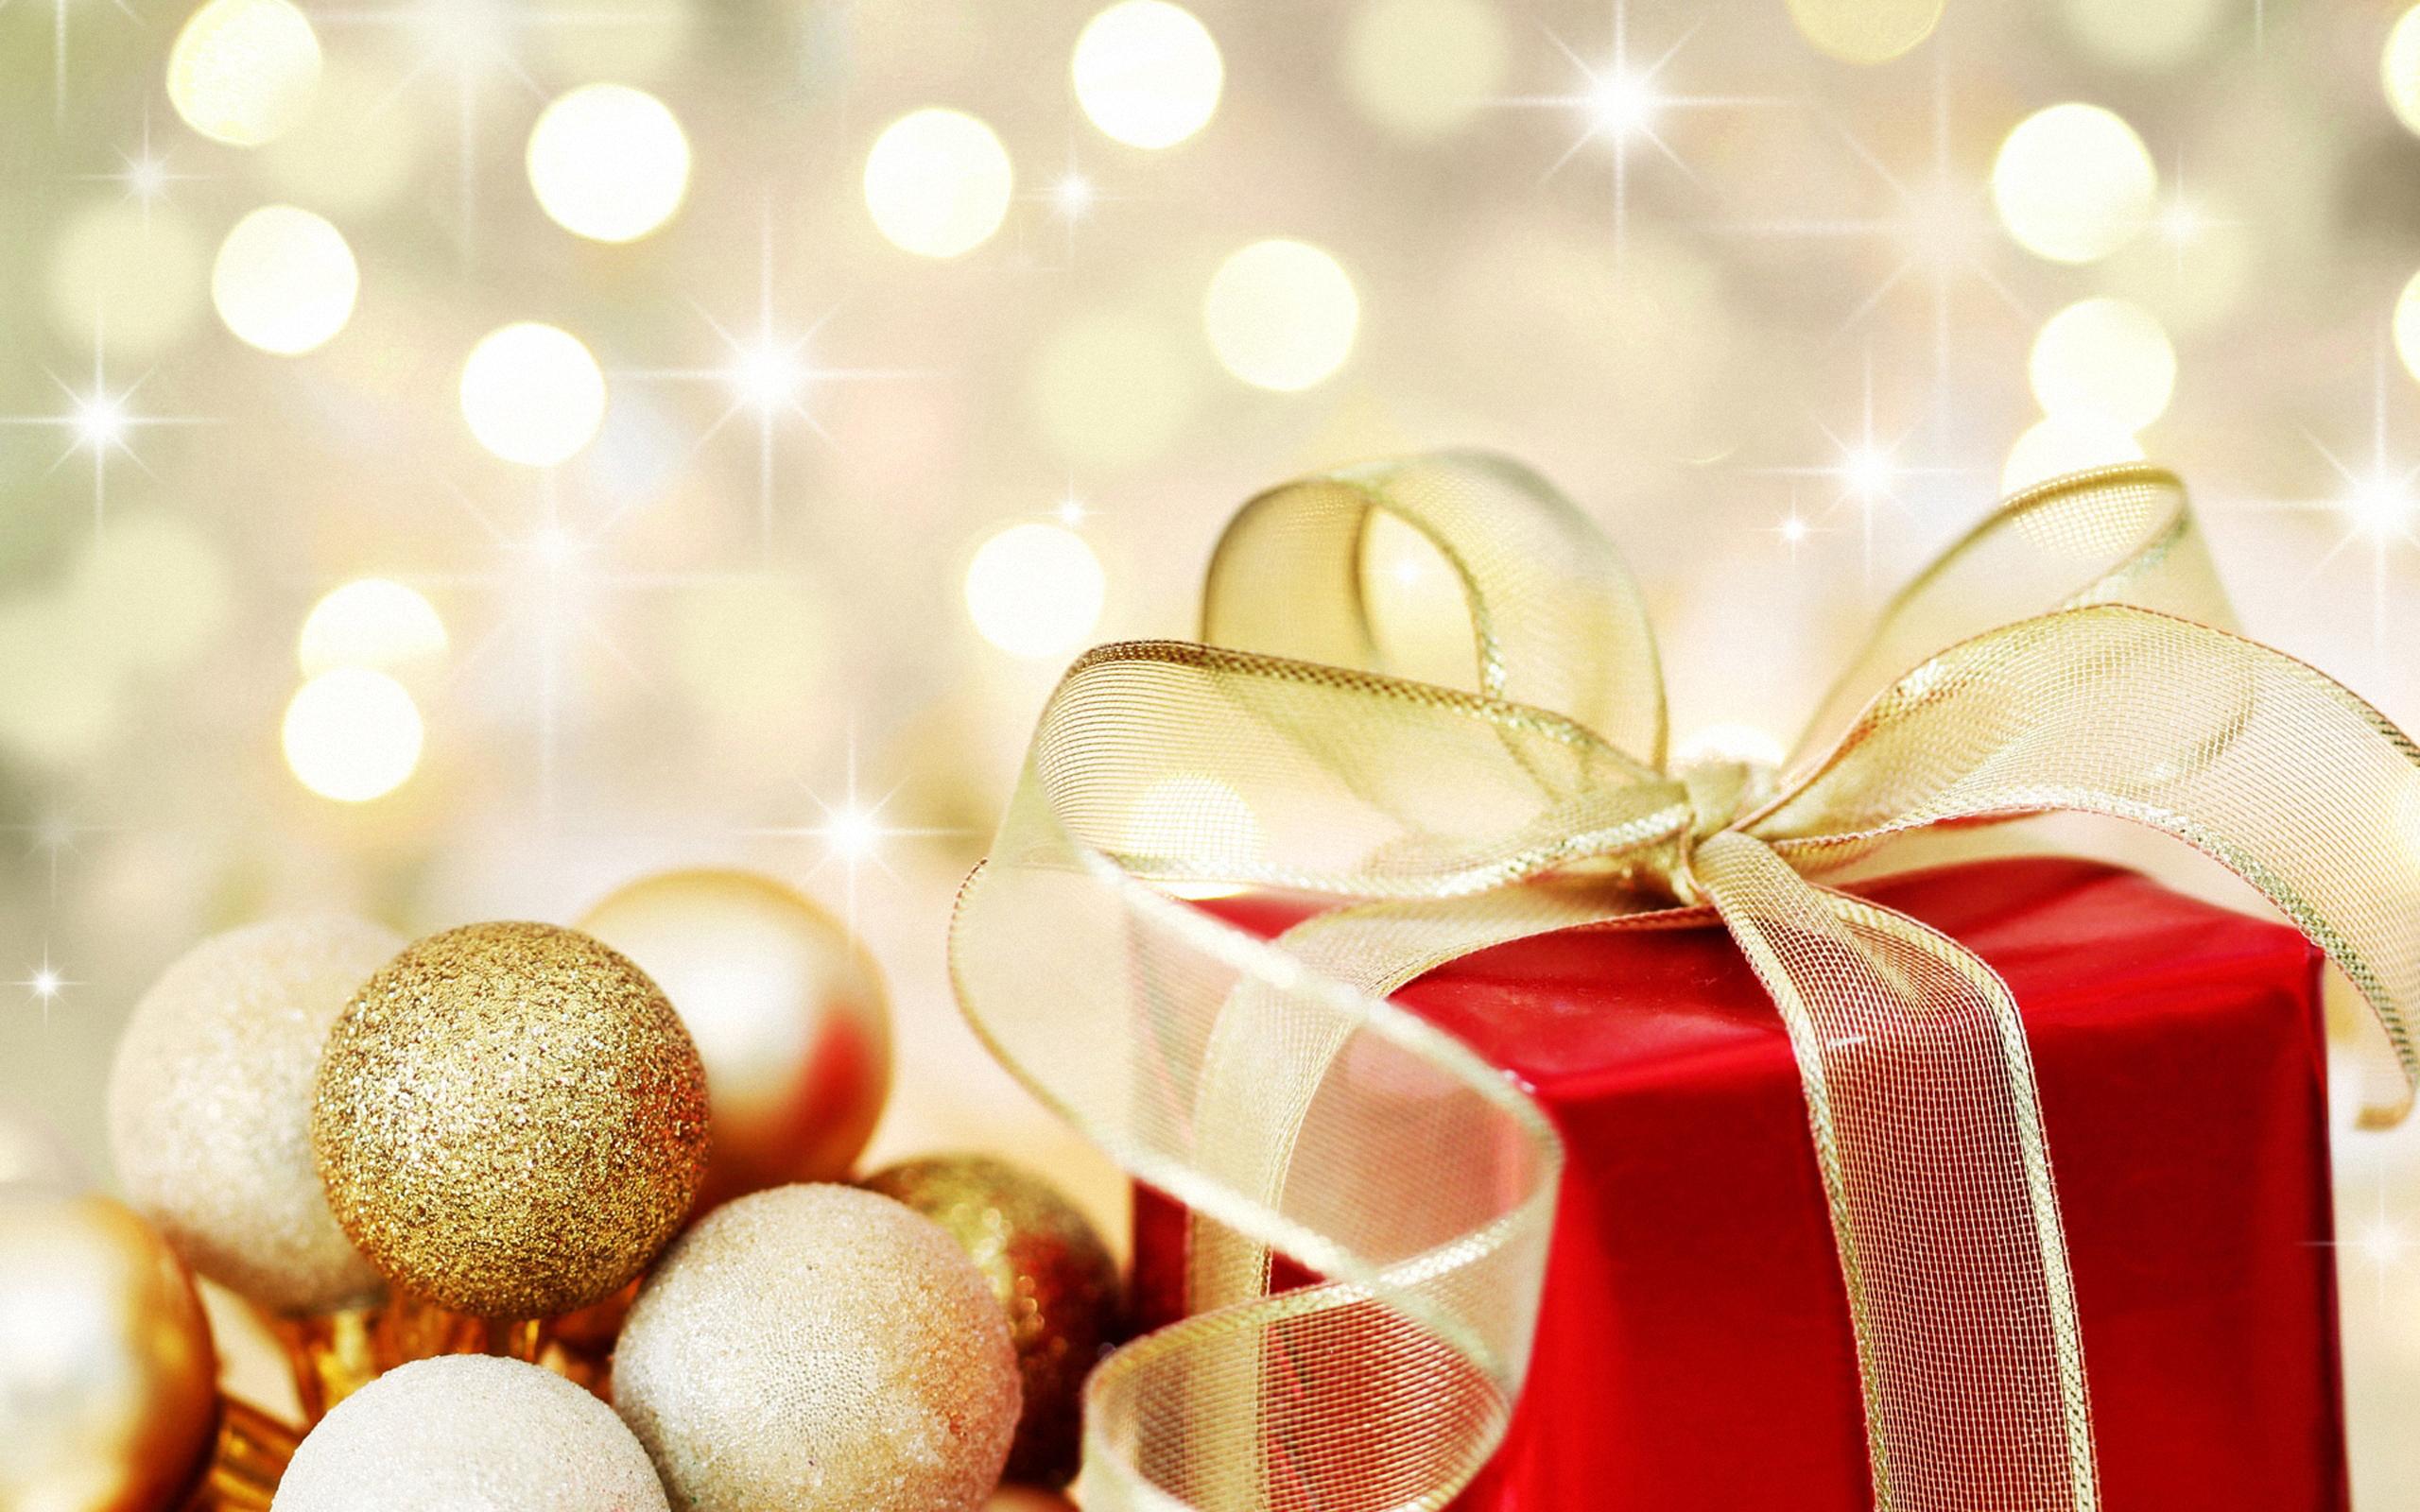 Праздники. новогодний сюрприз, подарок яркий, бантик, ёлочные игрушки